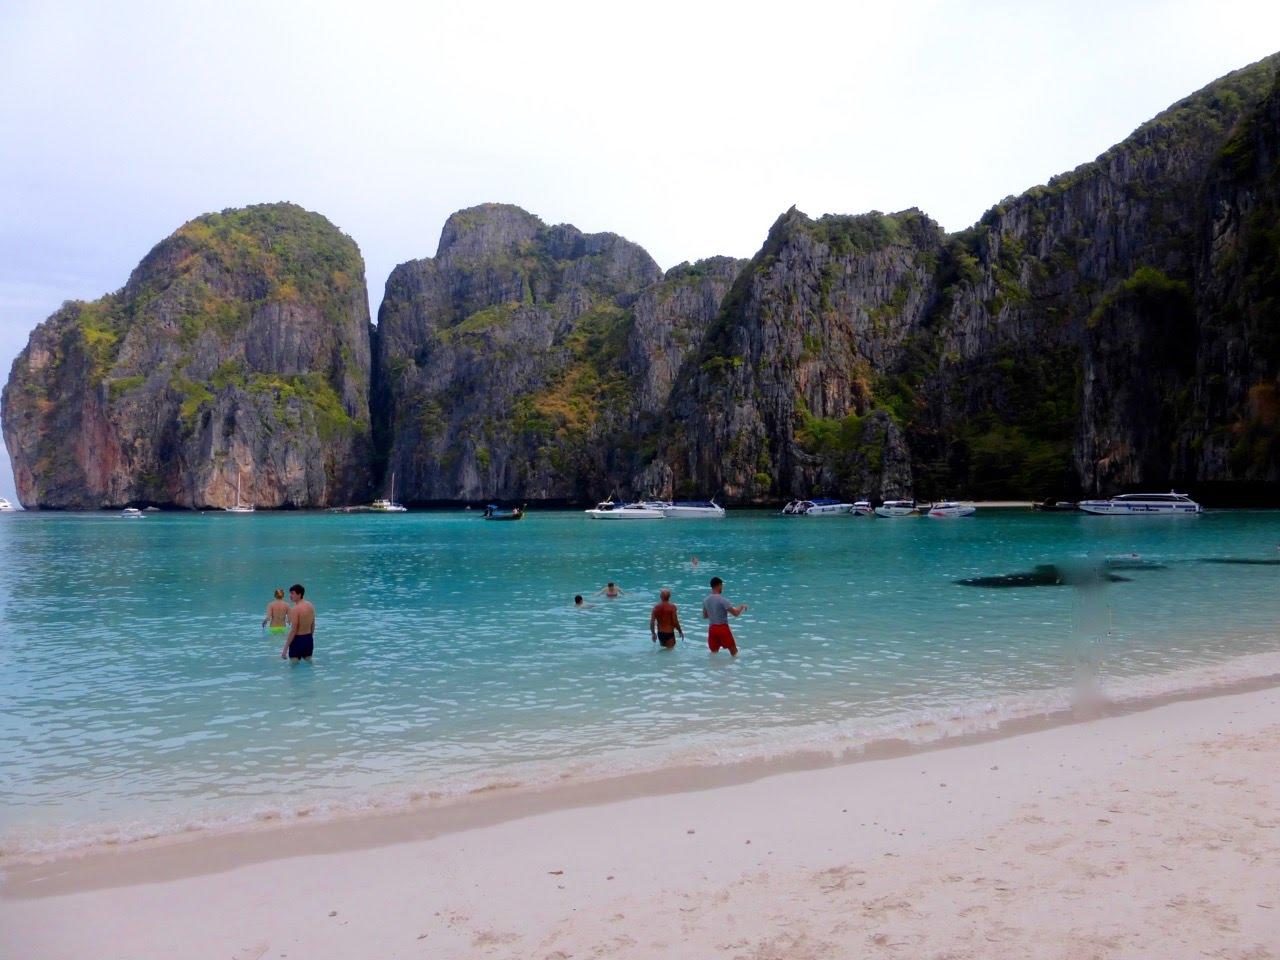 Прекрасный отдых в Таиланде и отзыв о симке GlobalSim Direct